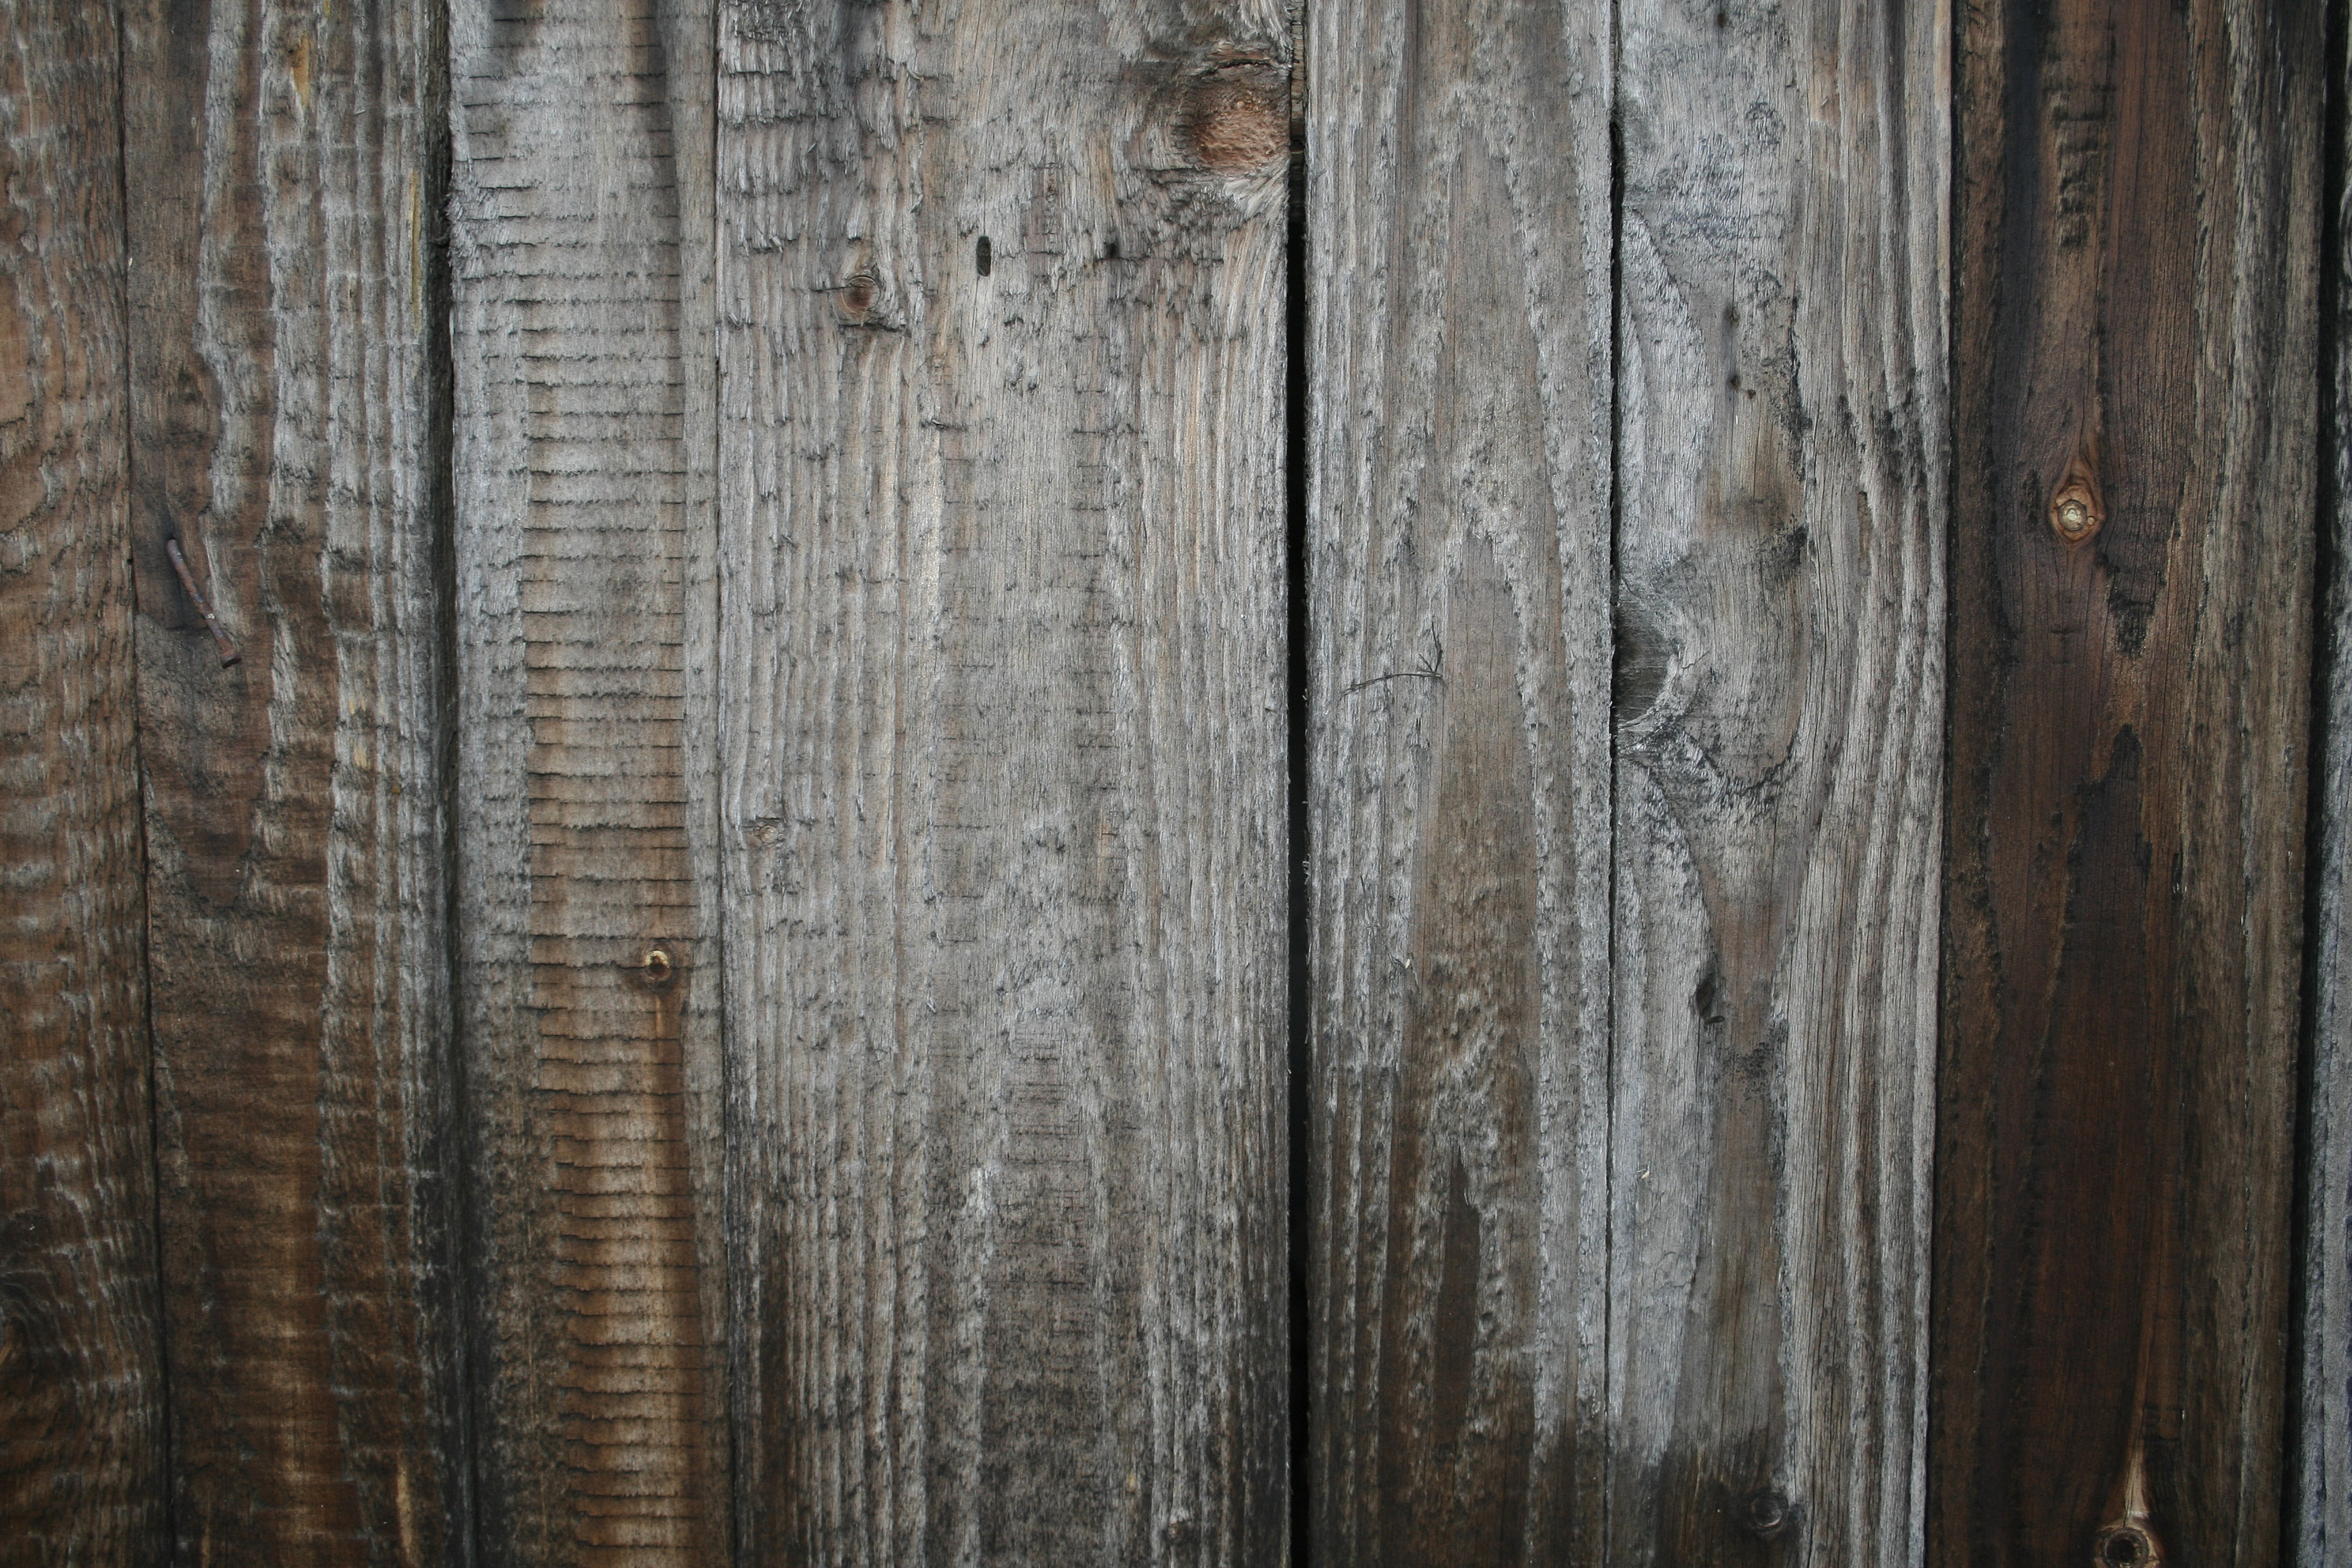 Old wood plank texture imgkid the image kid